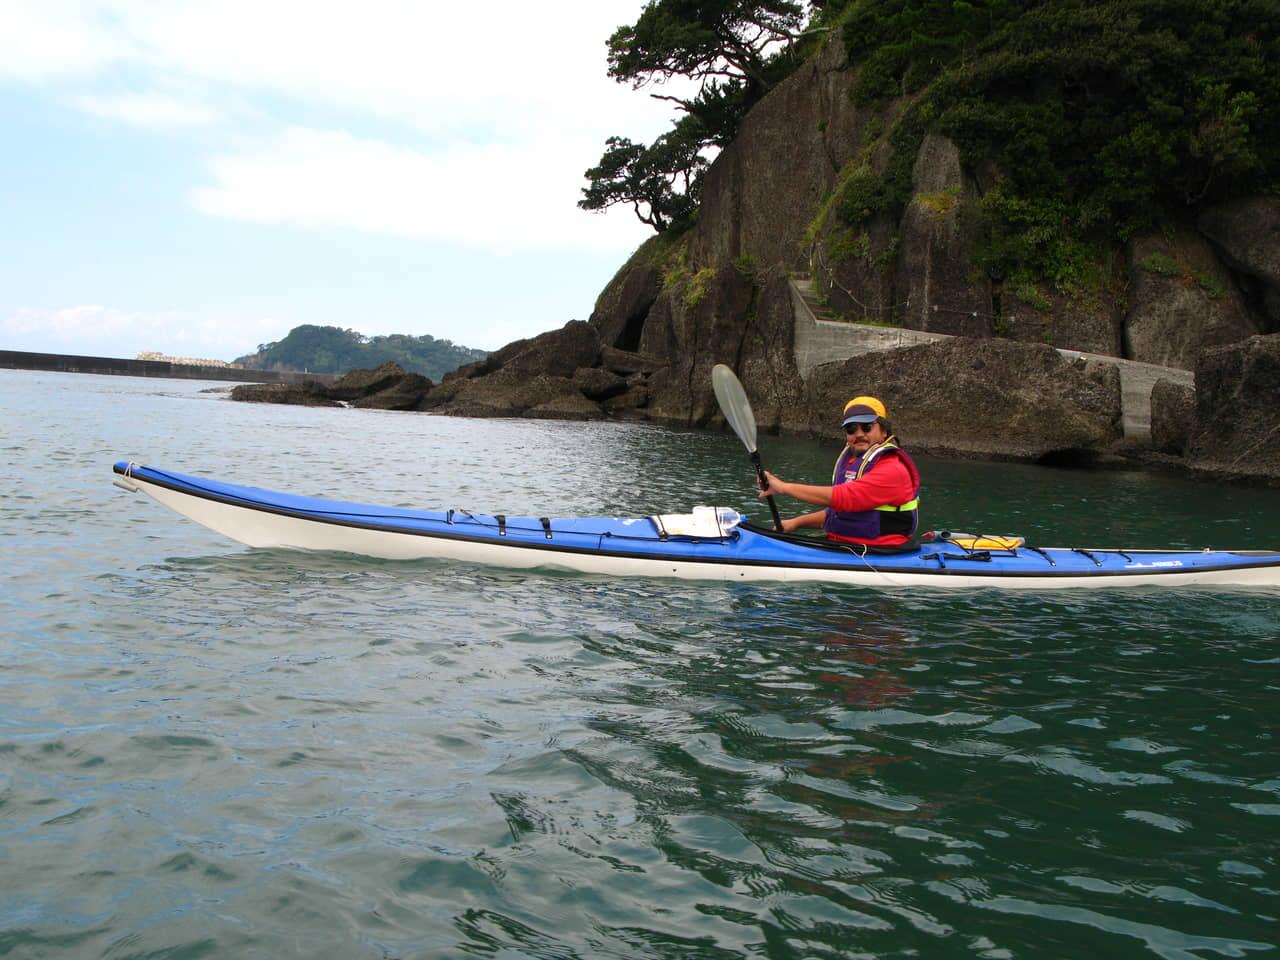 現代版の小早船・シーカヤックを駆使して 村上水軍の海を体感し戦術を探る